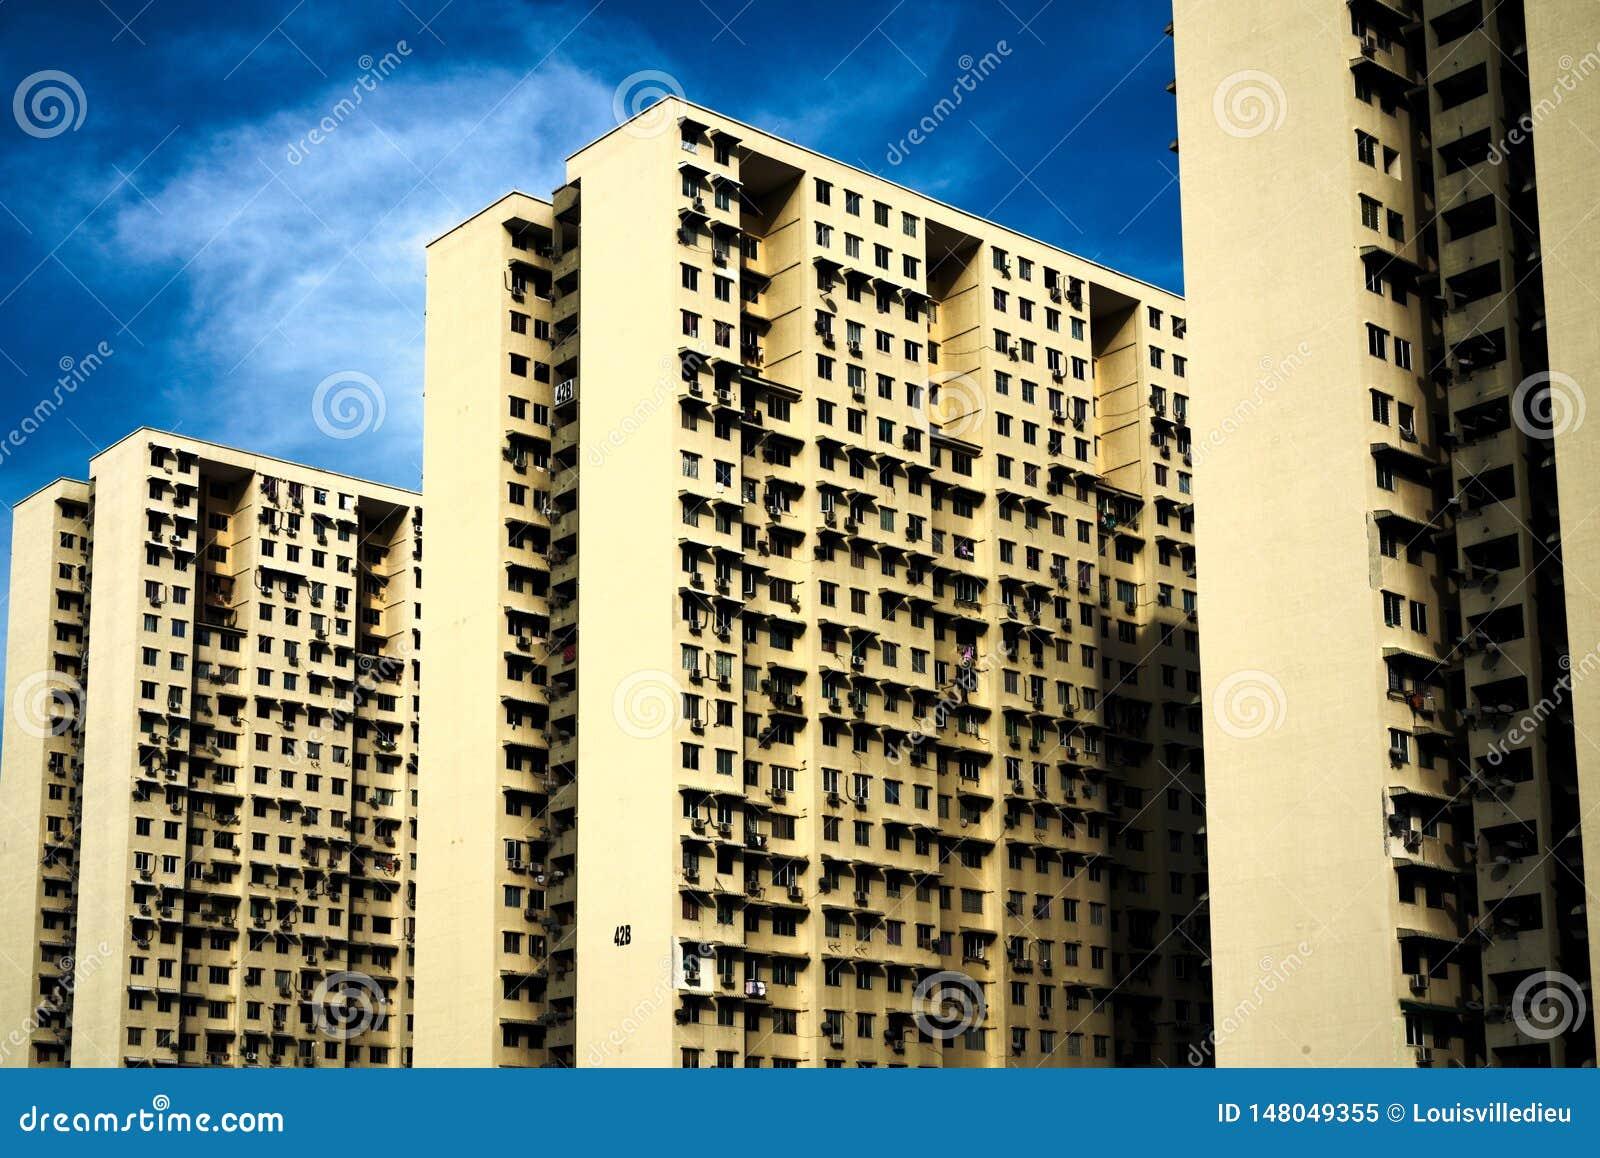 Complejo de viviendas enorme con tres bloques de dos filas cada uno